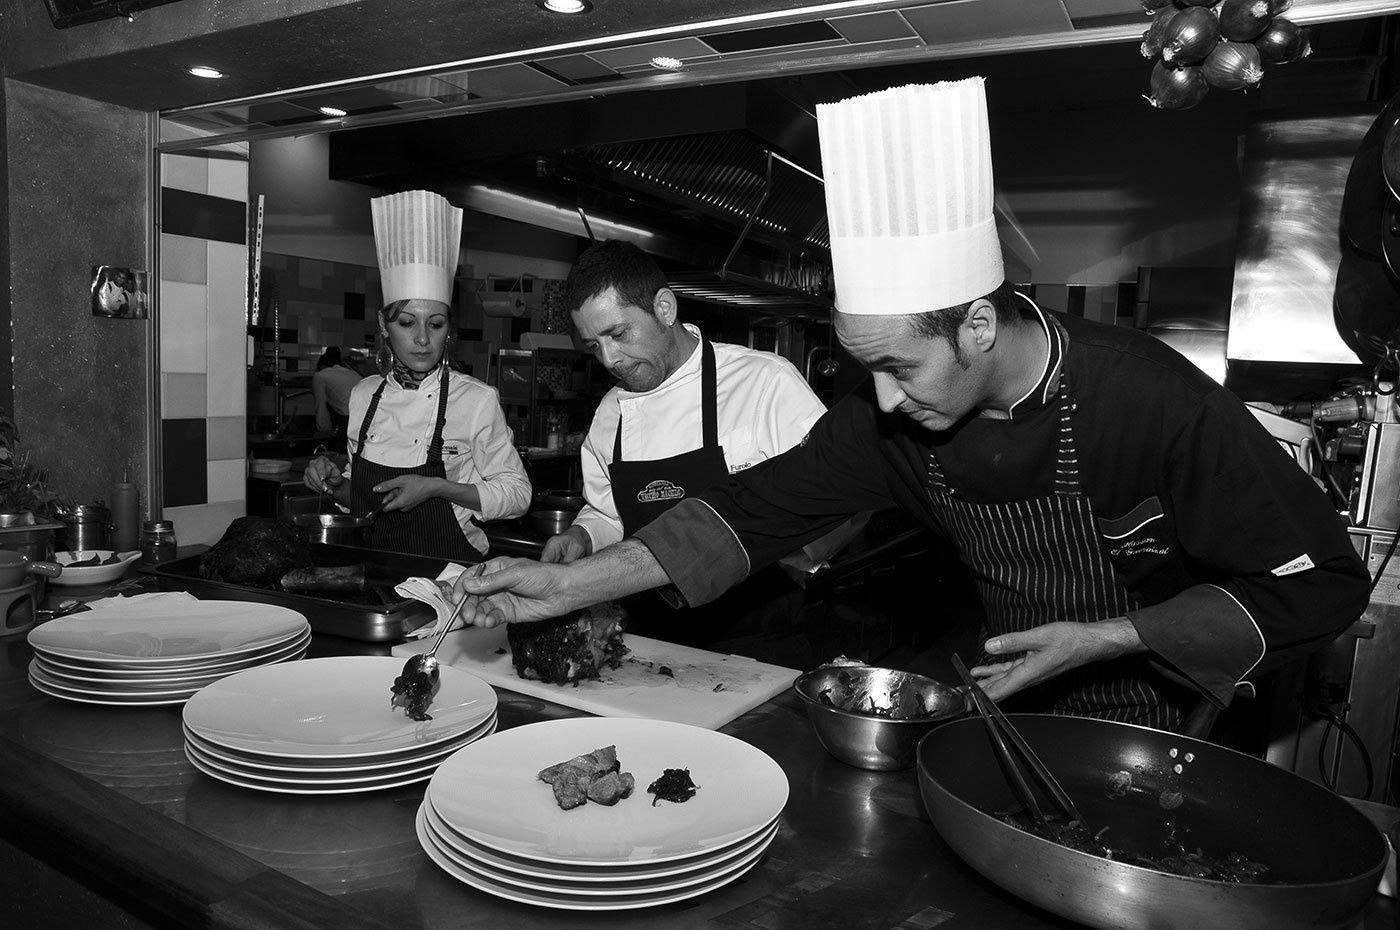 Tre cochi in una cucina durante preparano dei piatti